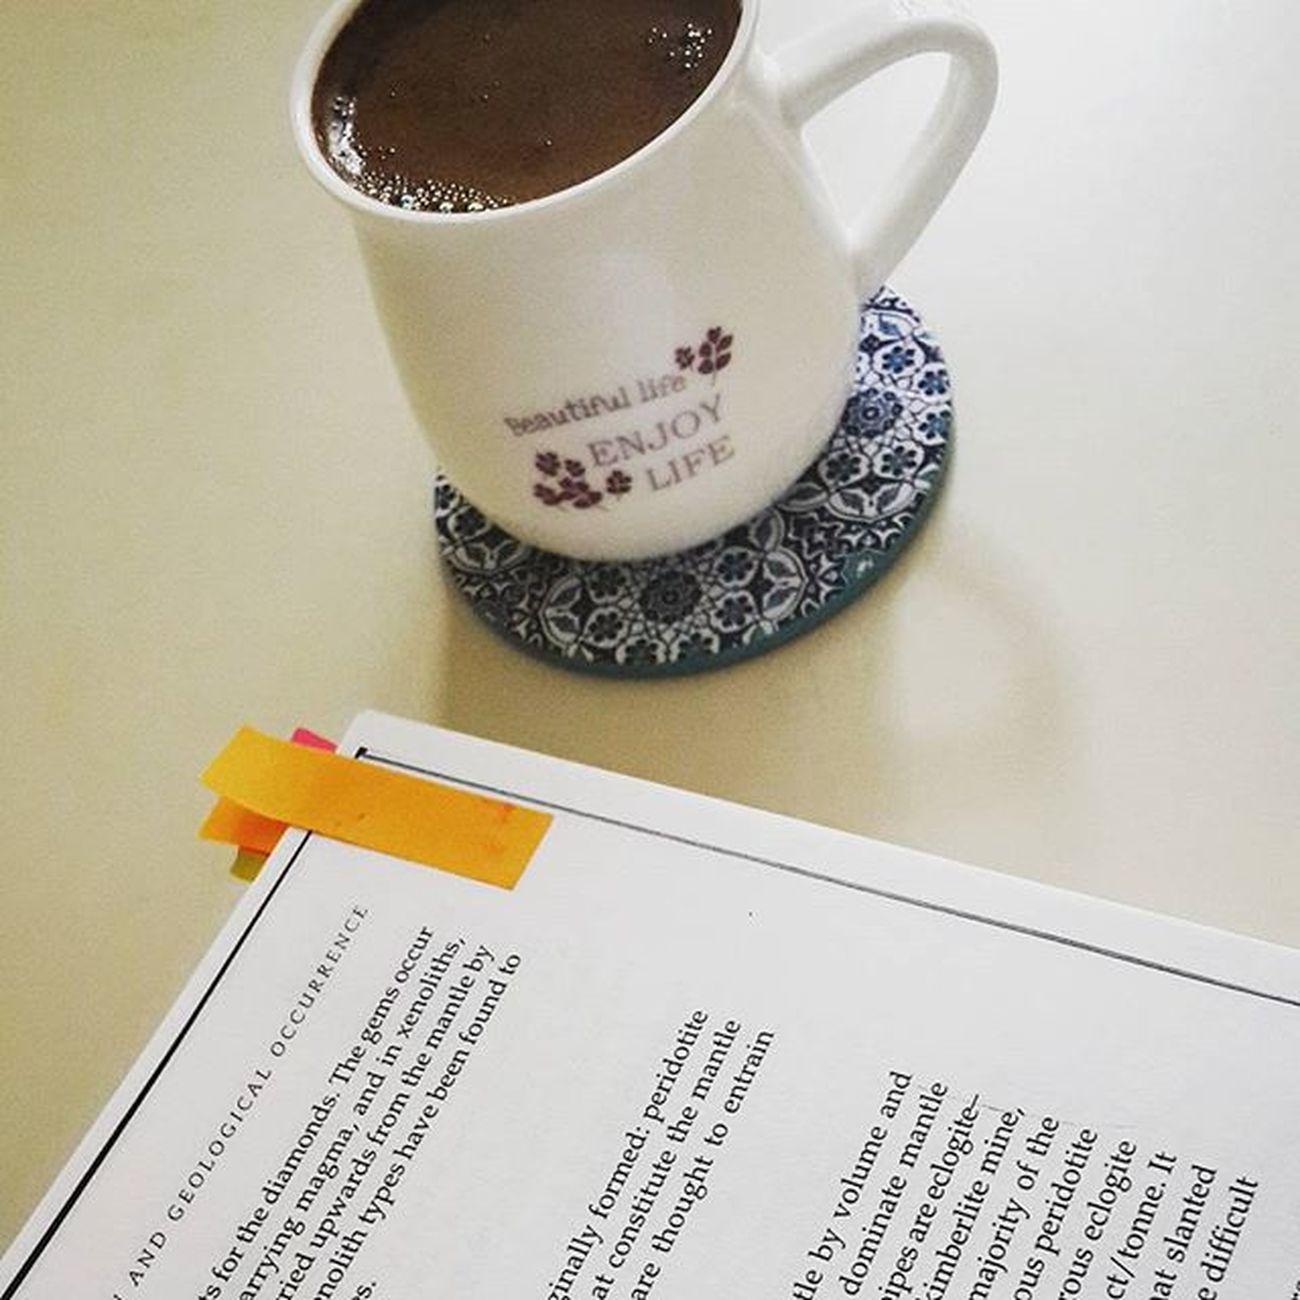 Duble Türkkahvesi ile calismaya devam! Esmiyor 😕😉Coffee Coffeeaddict Coffeetime Pazar Sunday Gununkeyfi Enjoyinglife  Beautifullife Instagood Instamood Instagramturkey Instagramturkiye Turkinstagram Igaddict